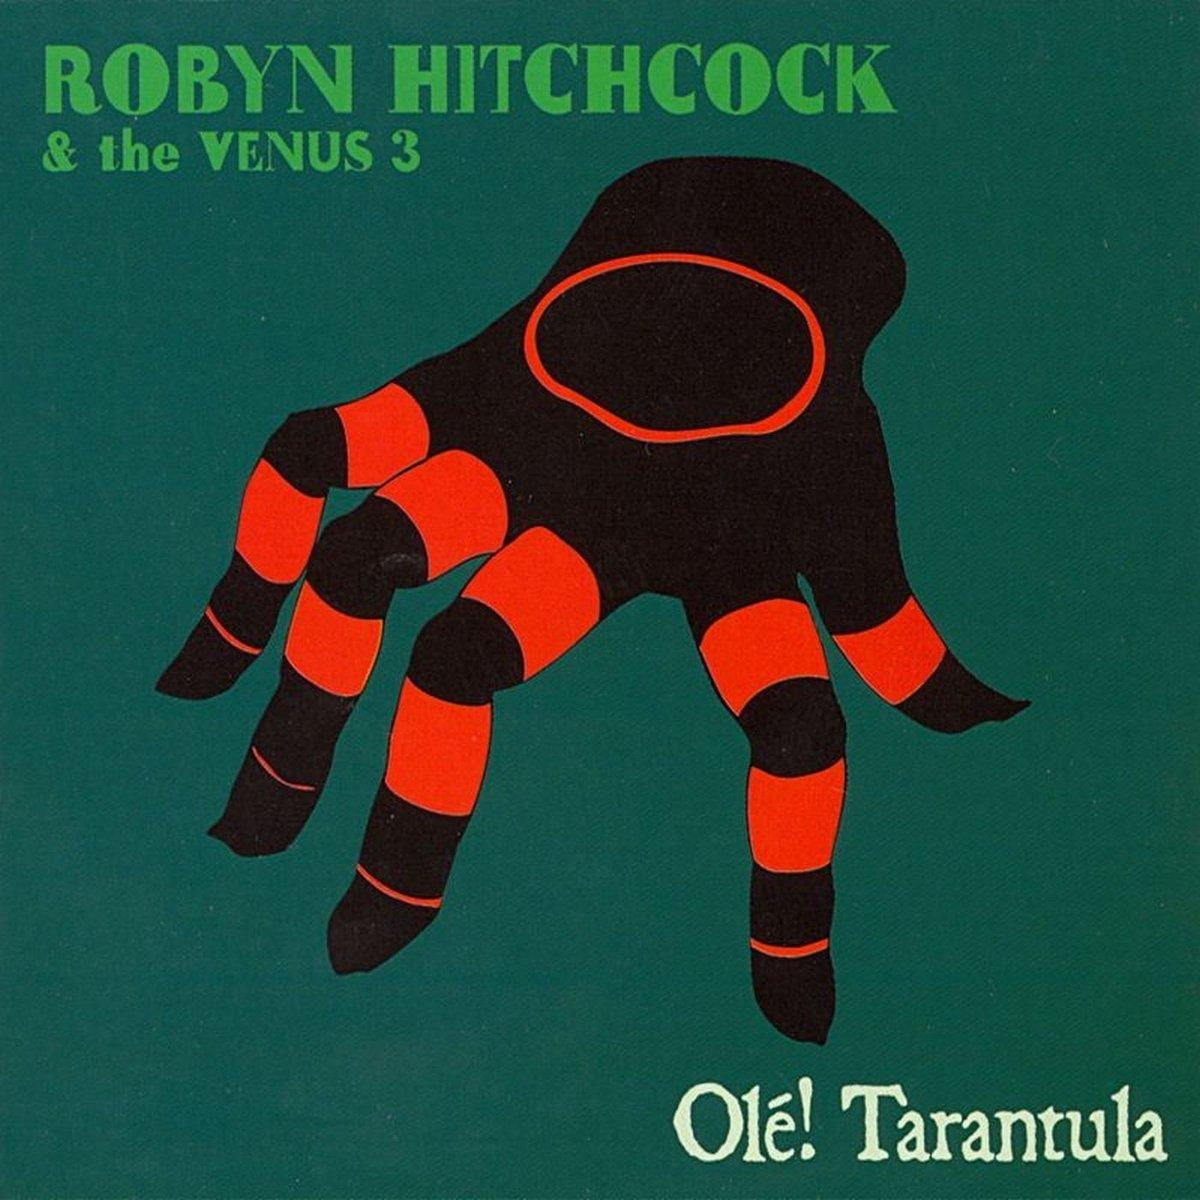 Robyn Hitchcock, Olé! Tarantula